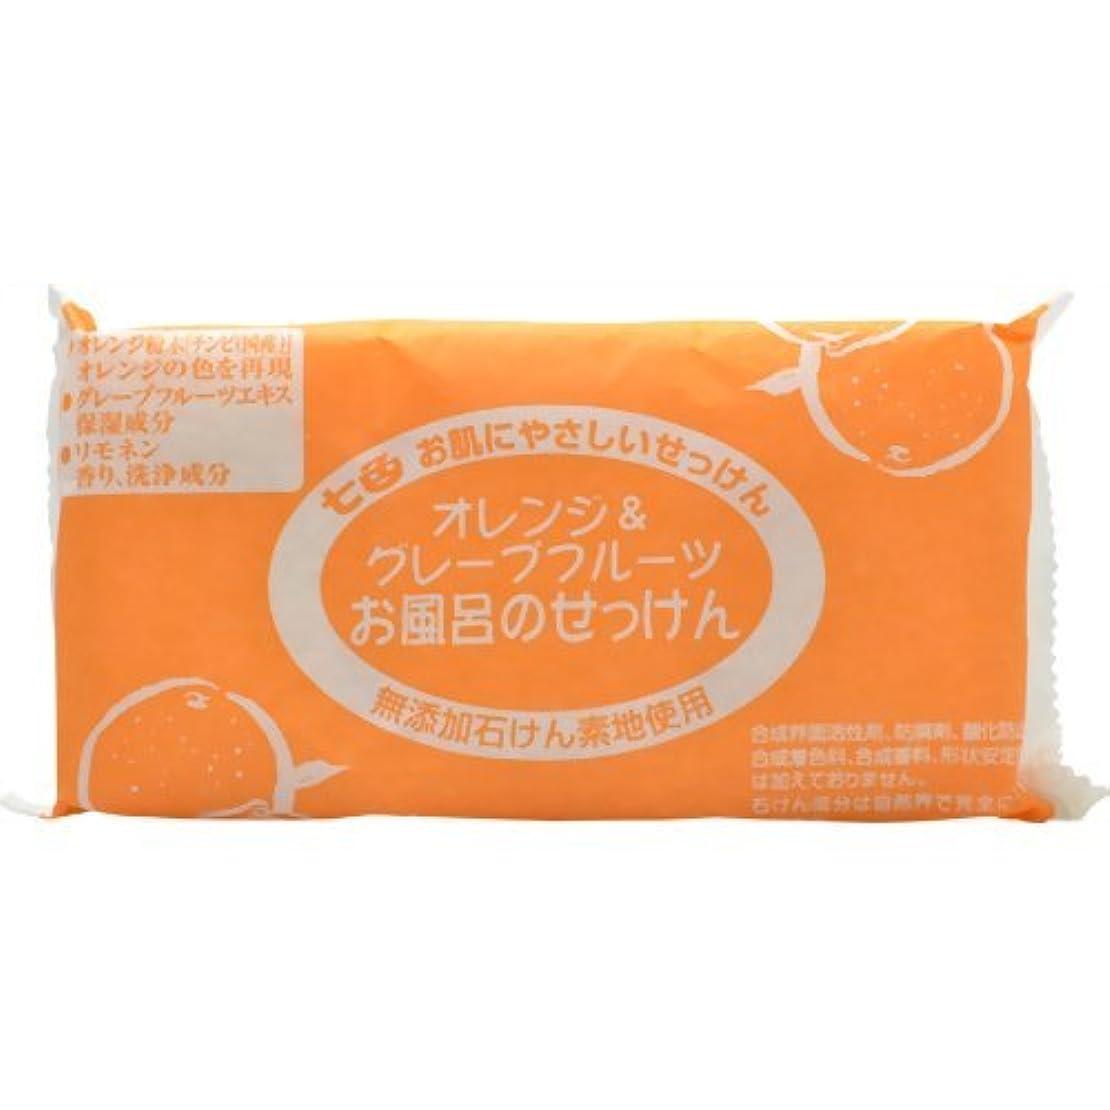 超える範囲安全性まるは オレンジ&グレープフルーツ お風呂の石鹸 3個入り